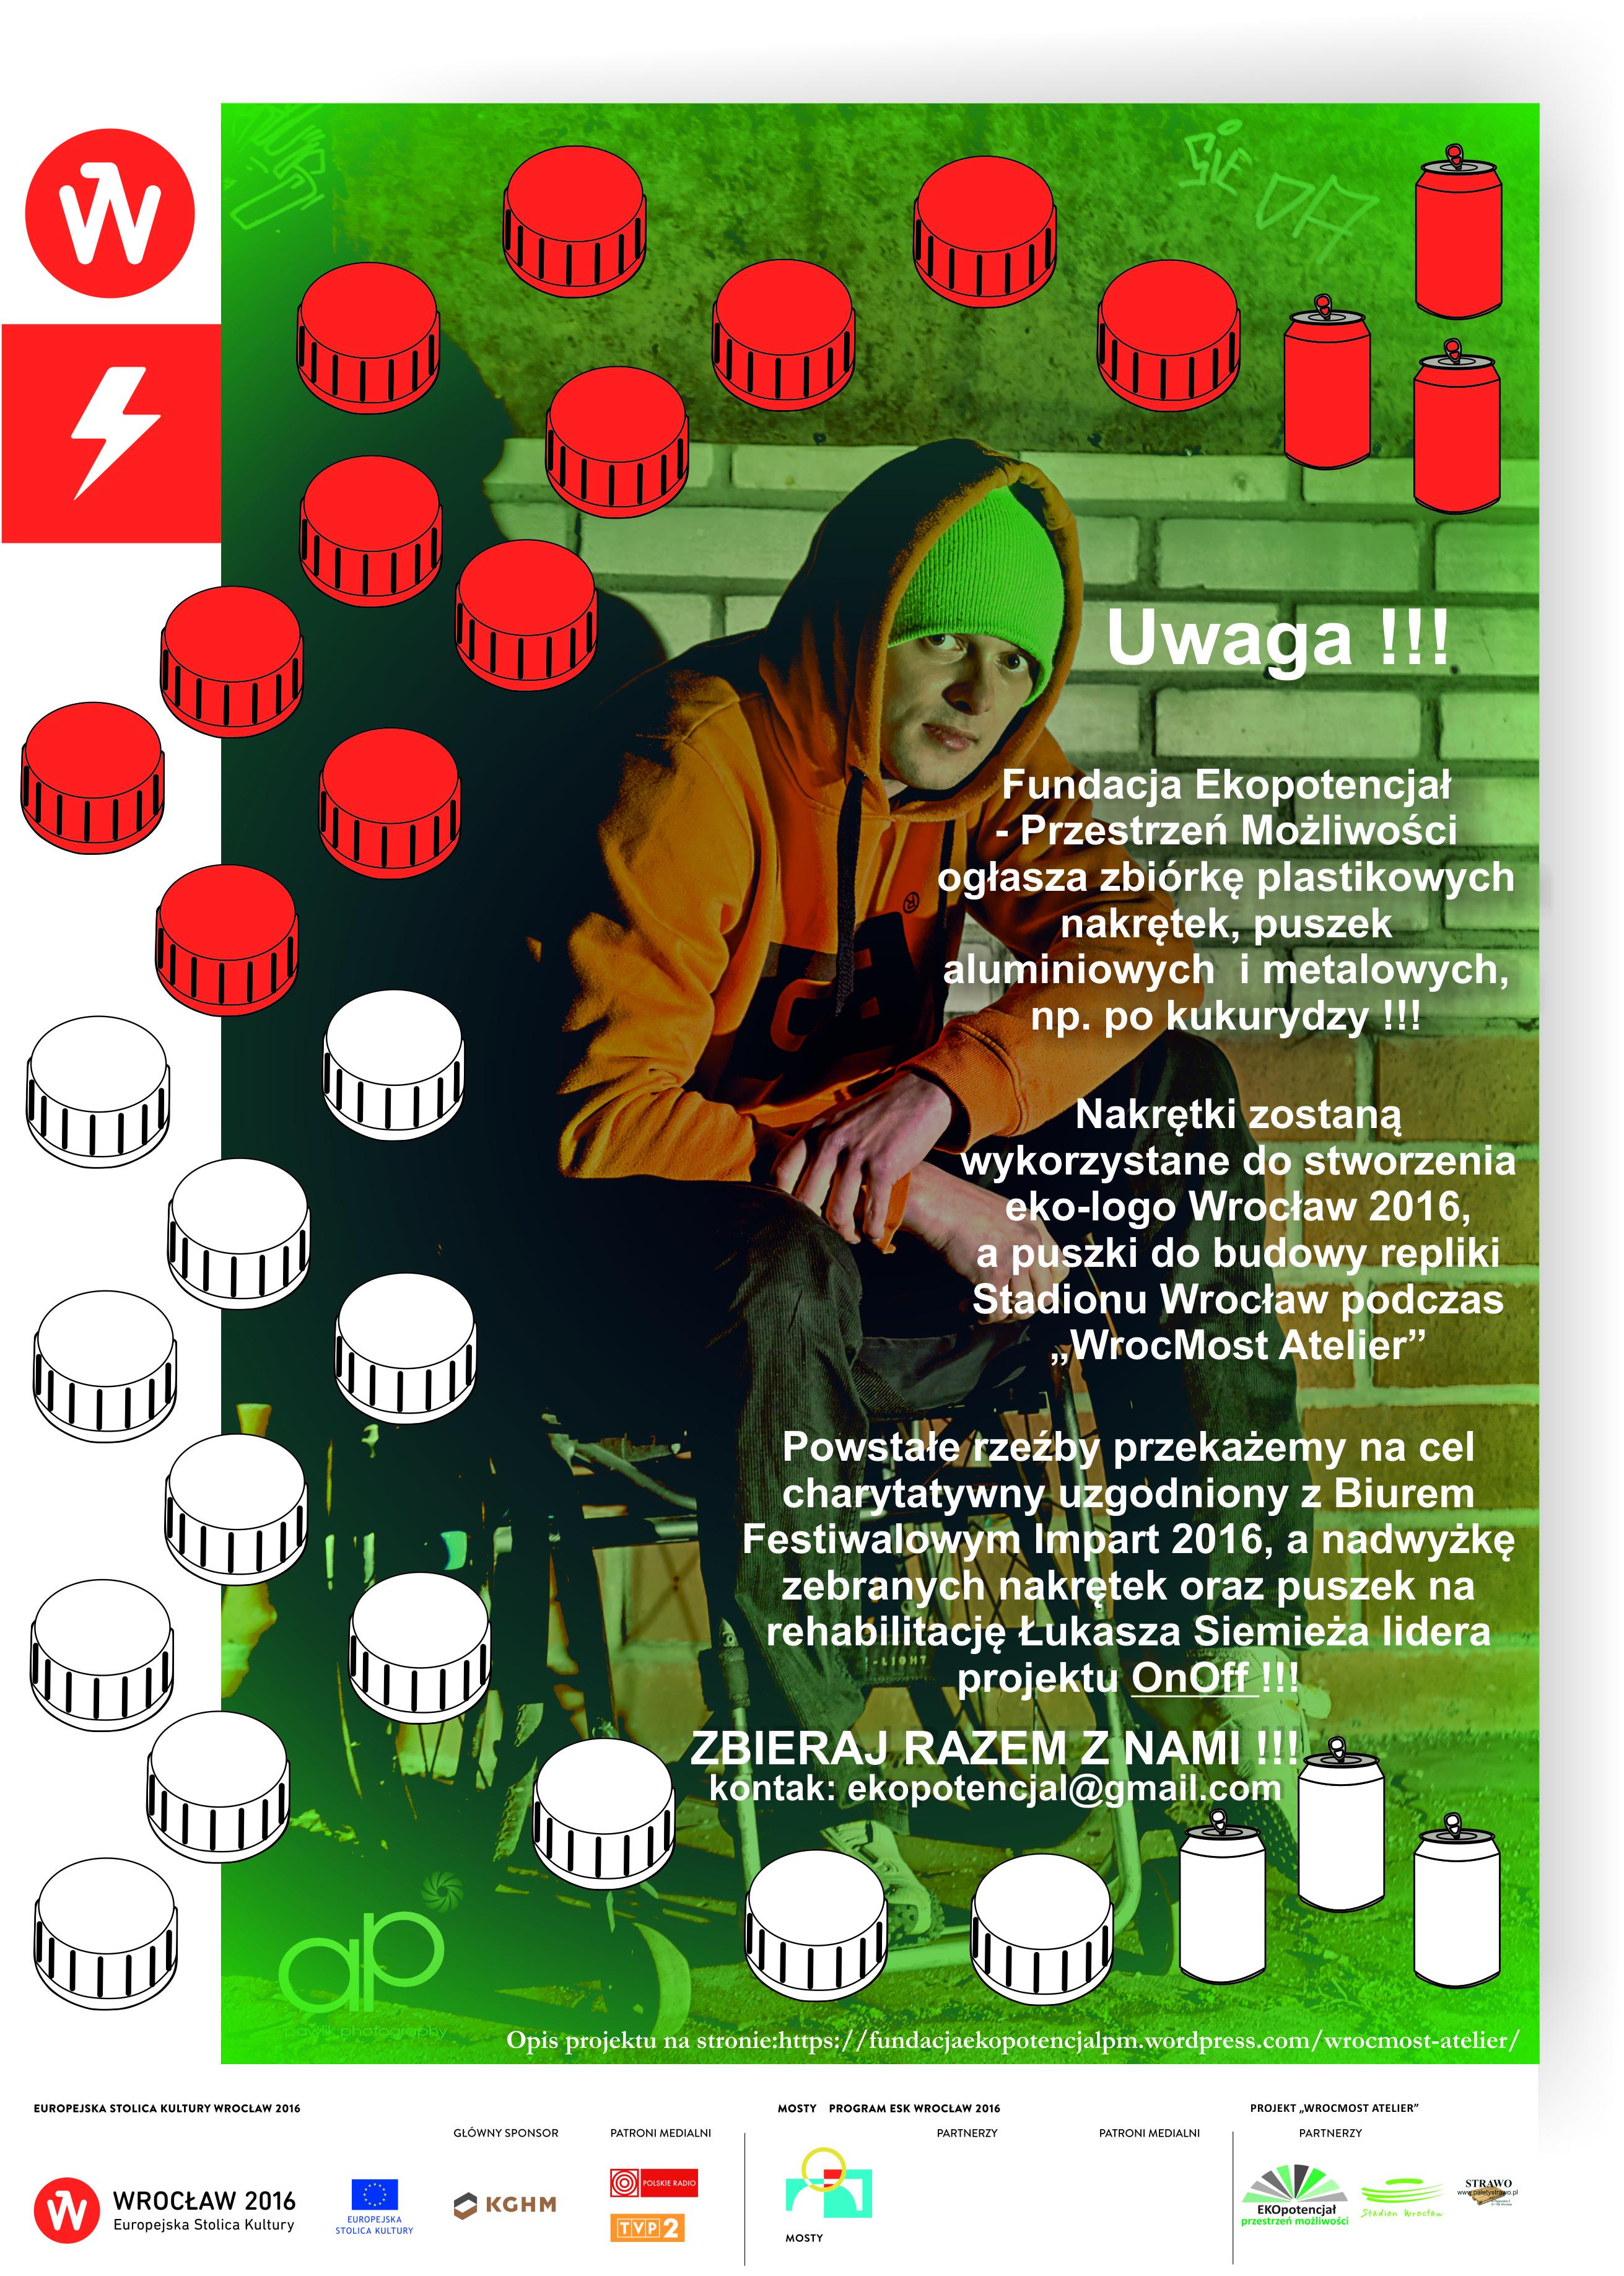 plakat zbieranie nakrętek poprawiony